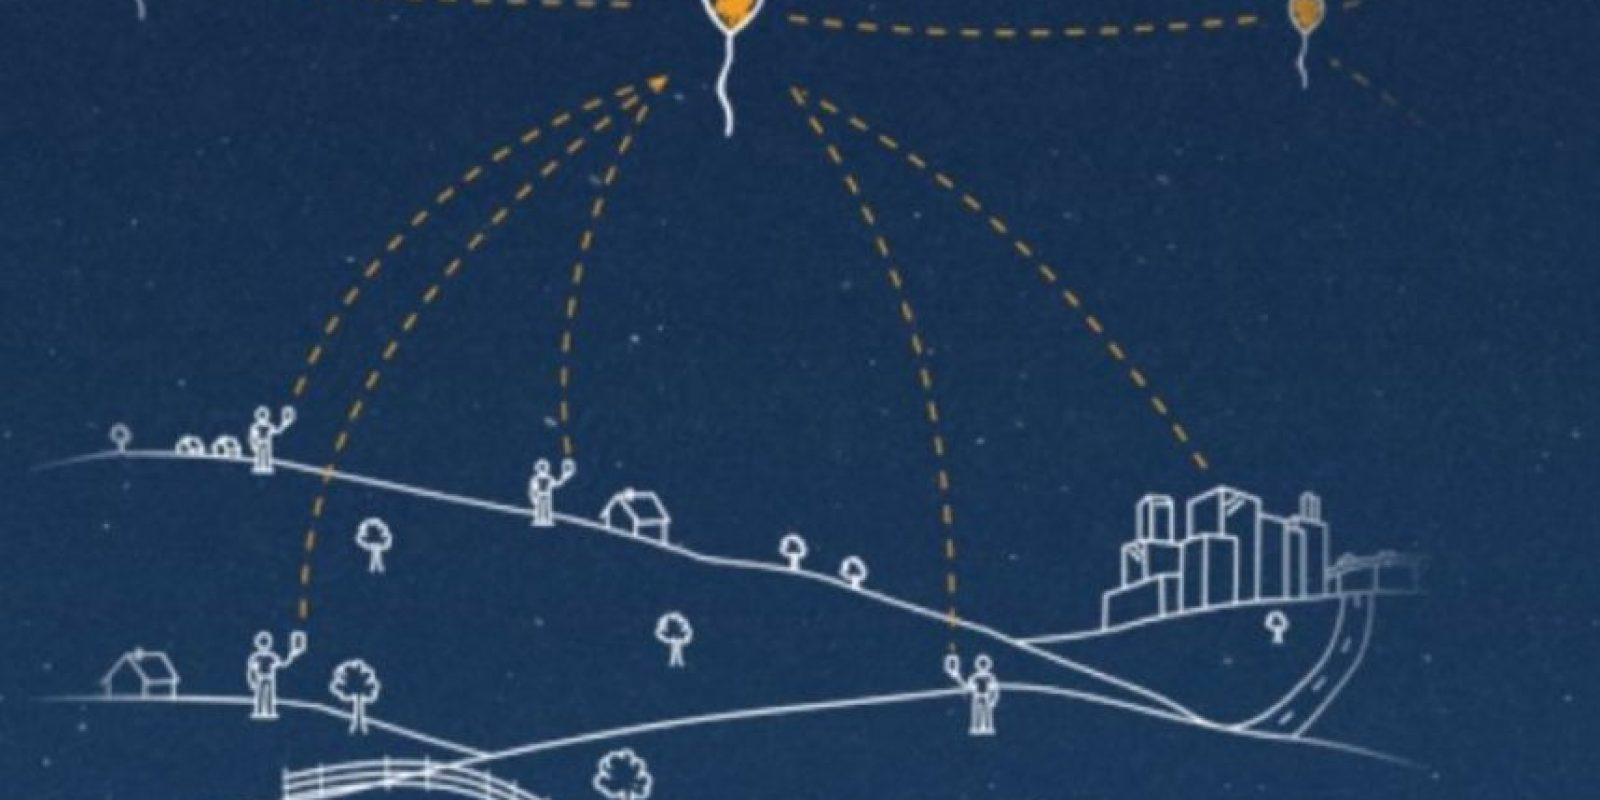 Cada globo proporcionará conectividad a un área terrestre de aproximadamente 40 kilómetros de diámetro mediante LTE. Foto:Google